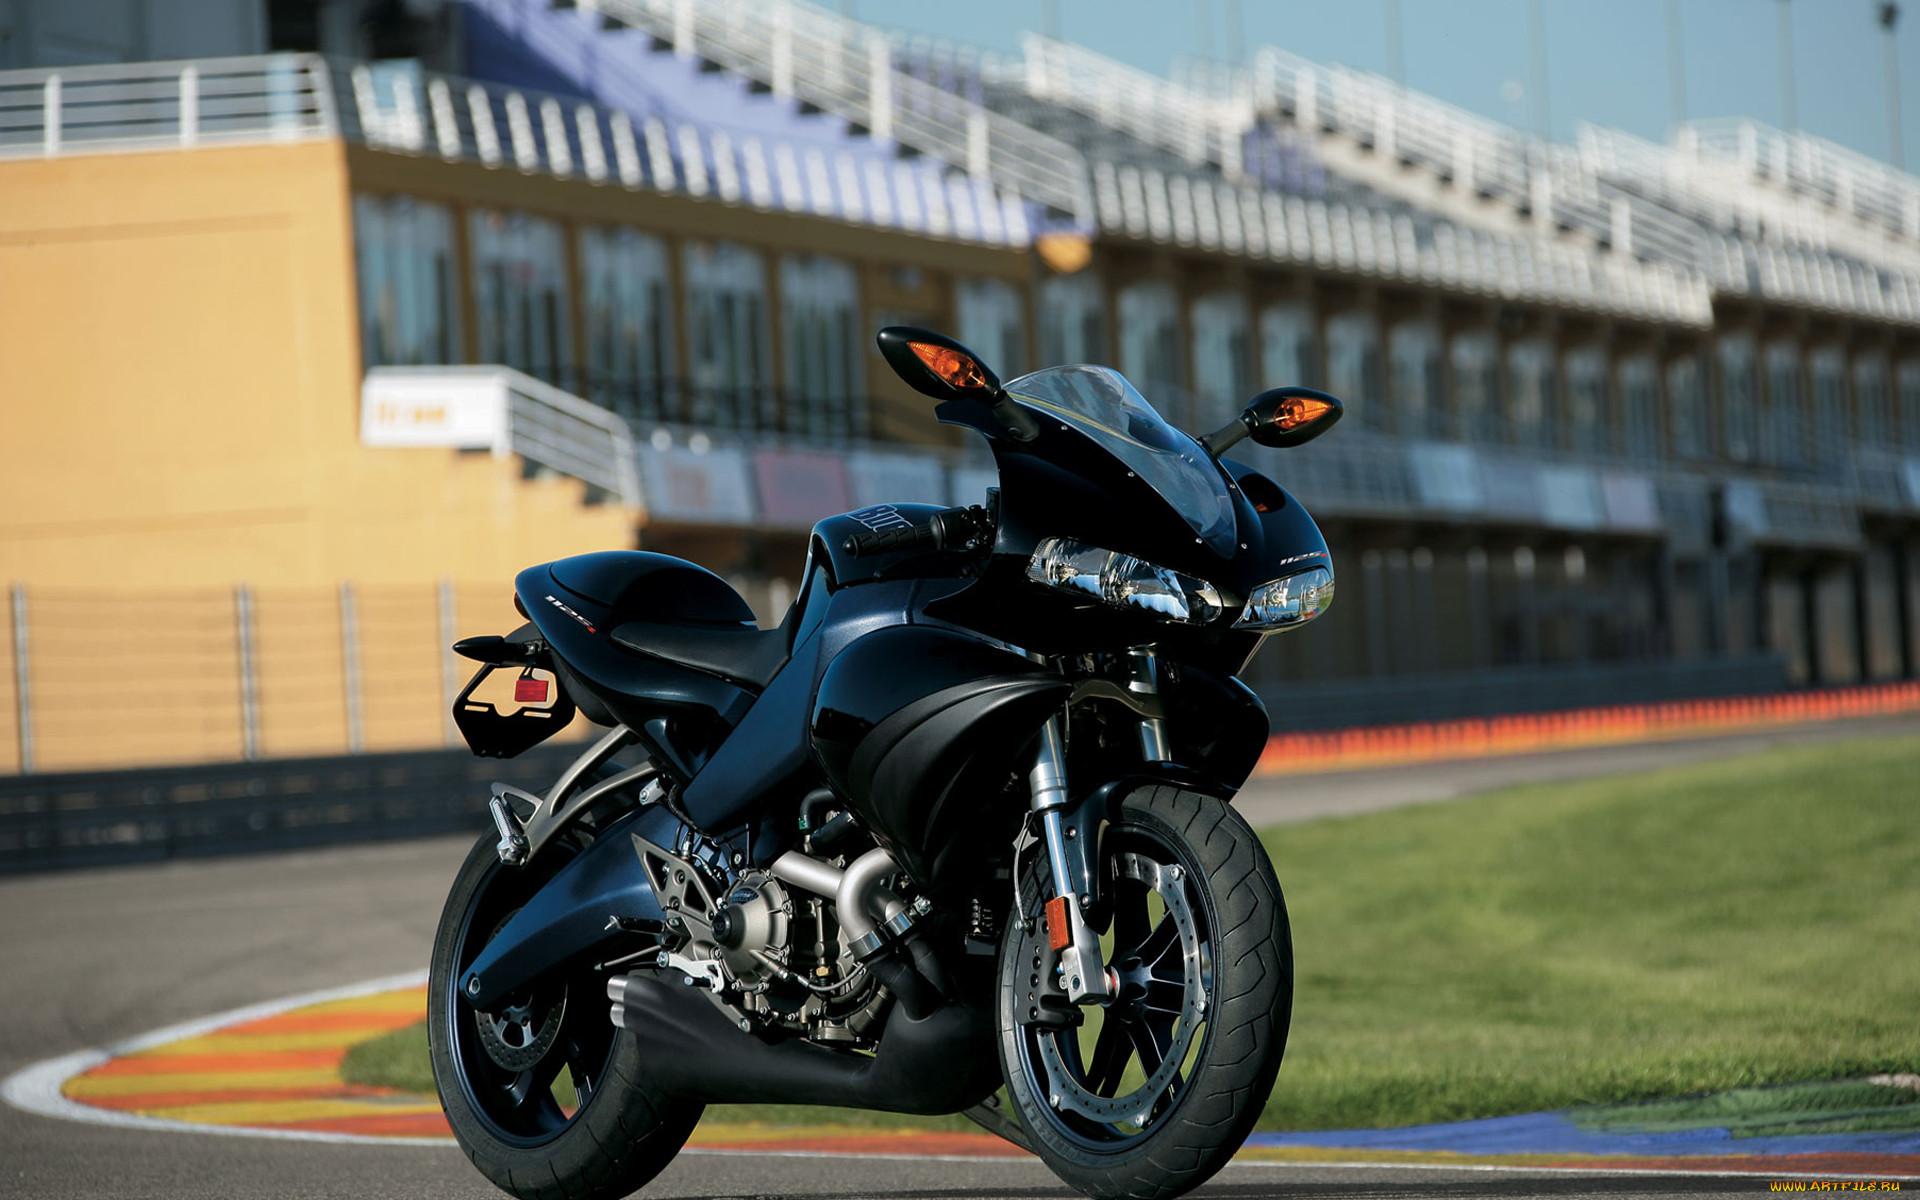 цель красивые фотографии мотоциклов размещением